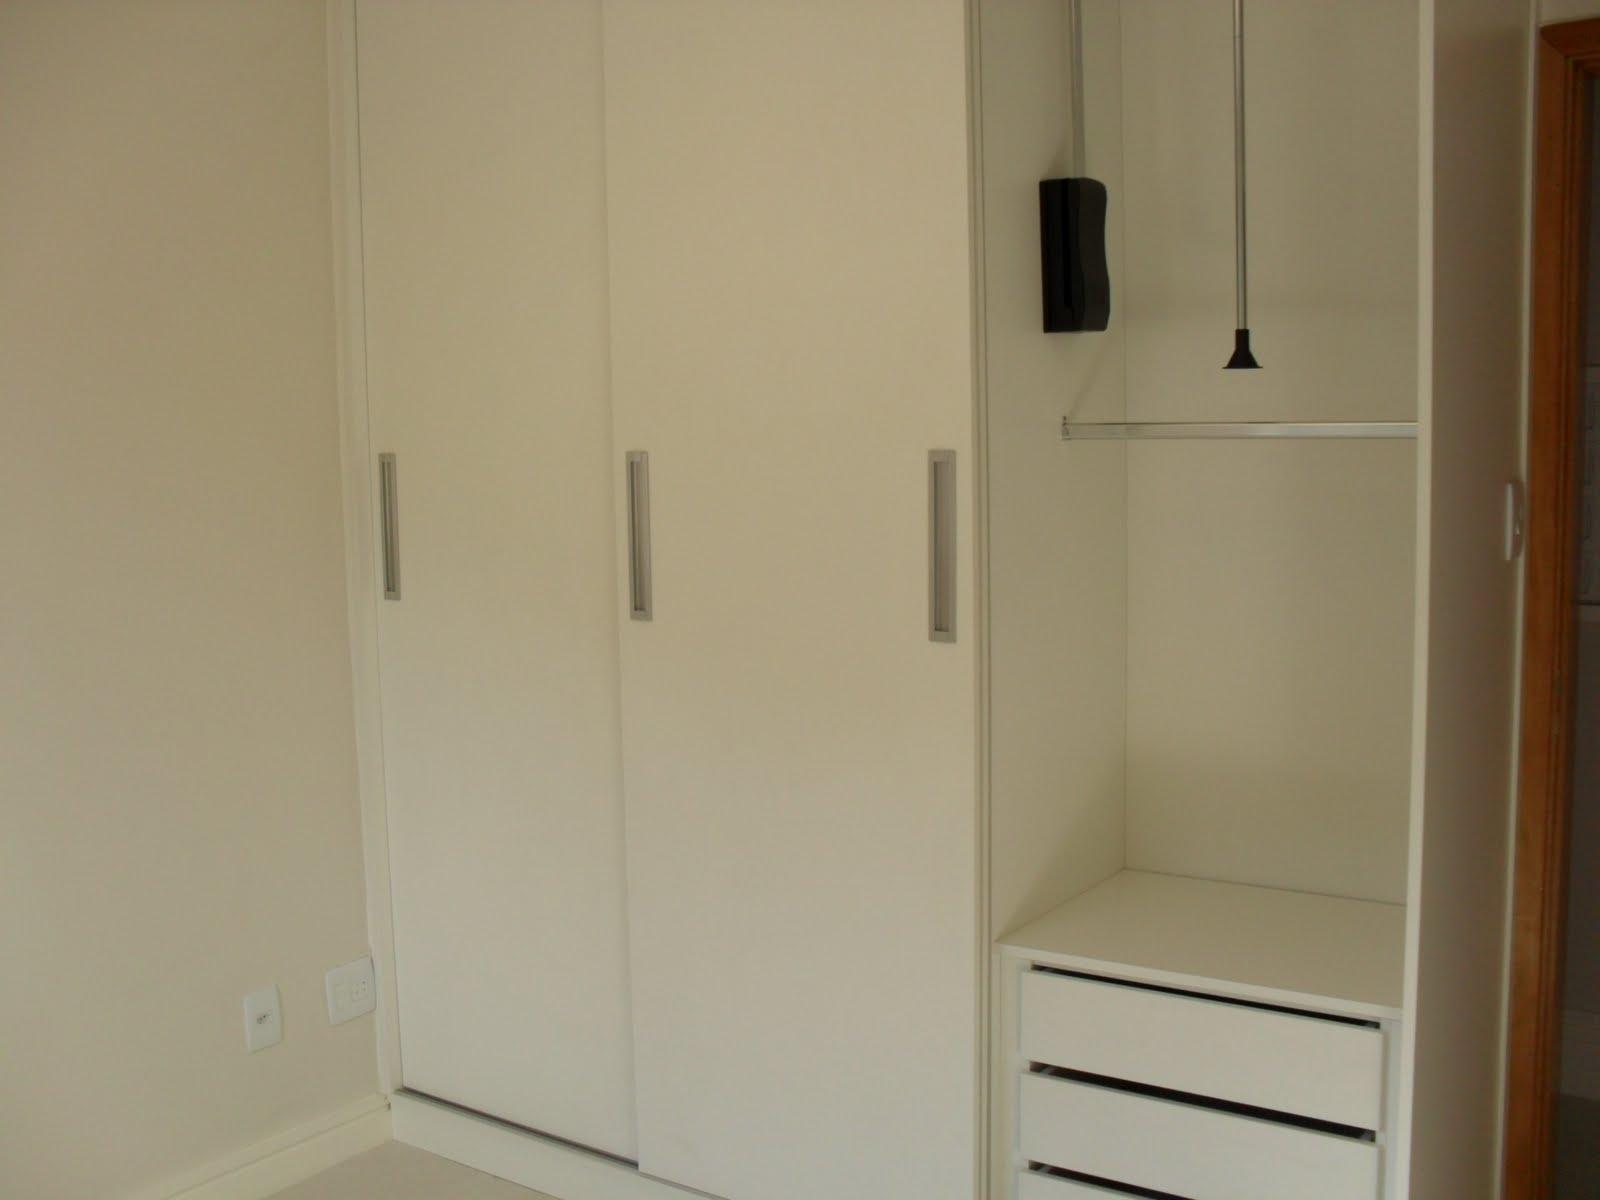 Gabinete Para Banheiro Puxador embutido moveis -> Armario De Banheiro Com Puxador Embutido